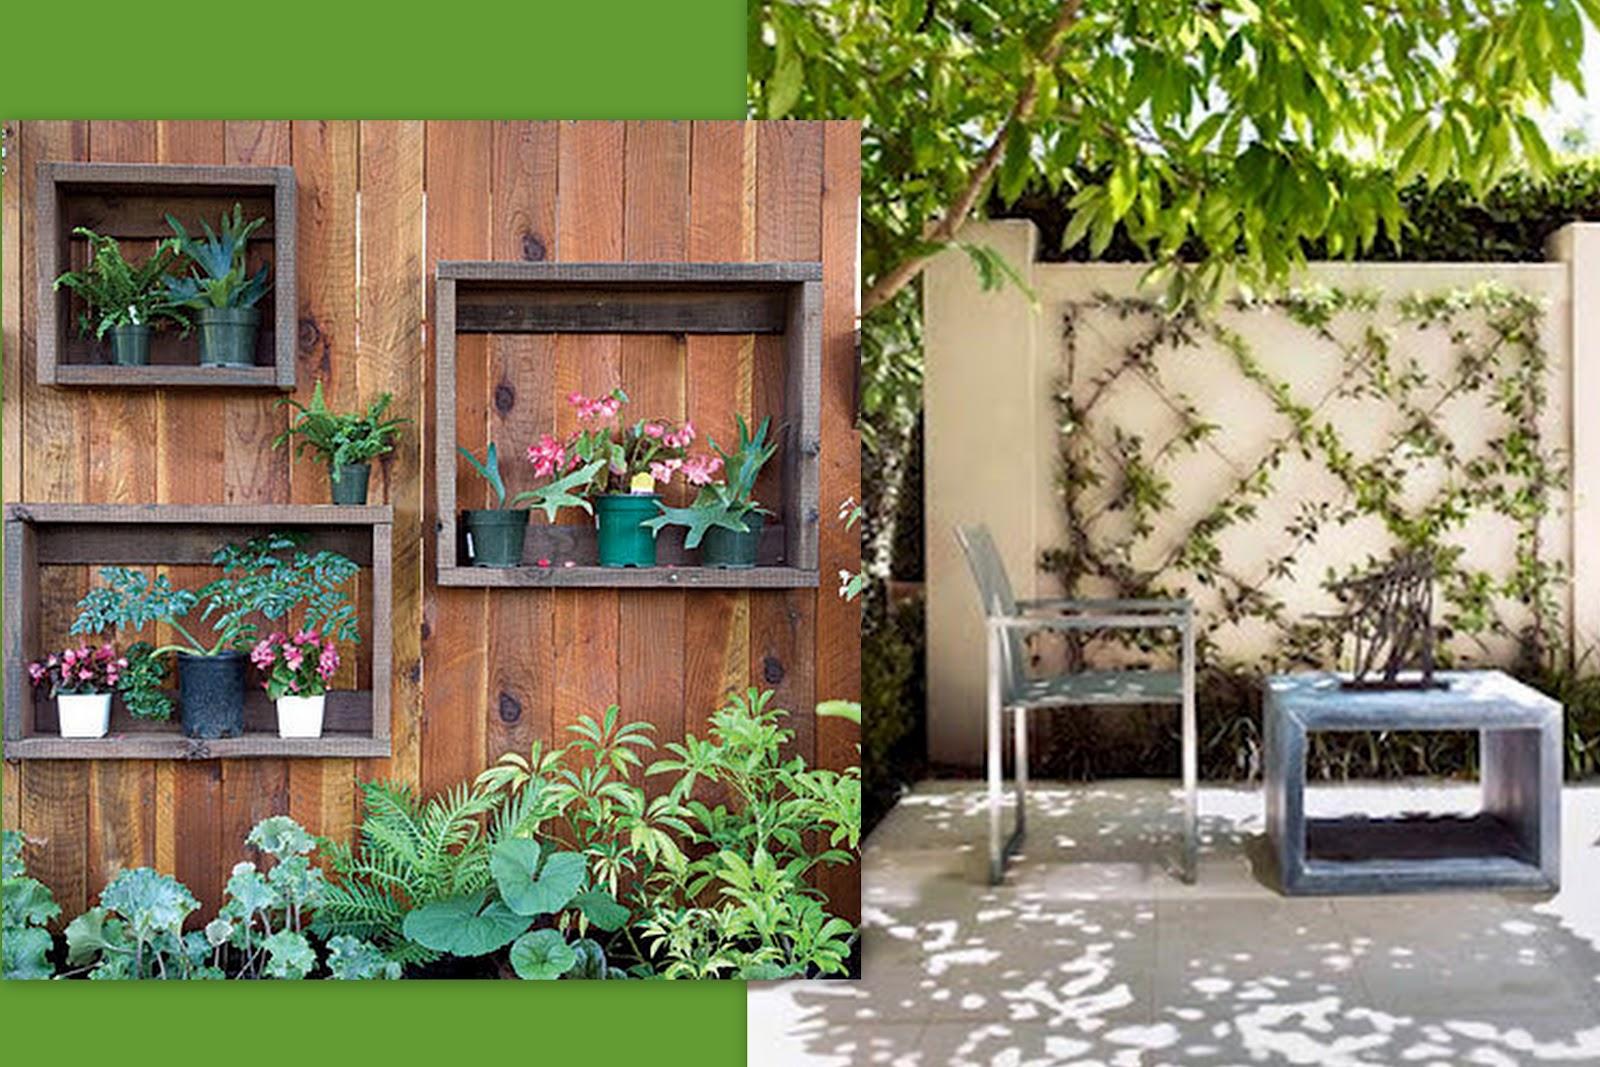 ideias jardins grandes:Como fazer um jardim vertical simples e barato?